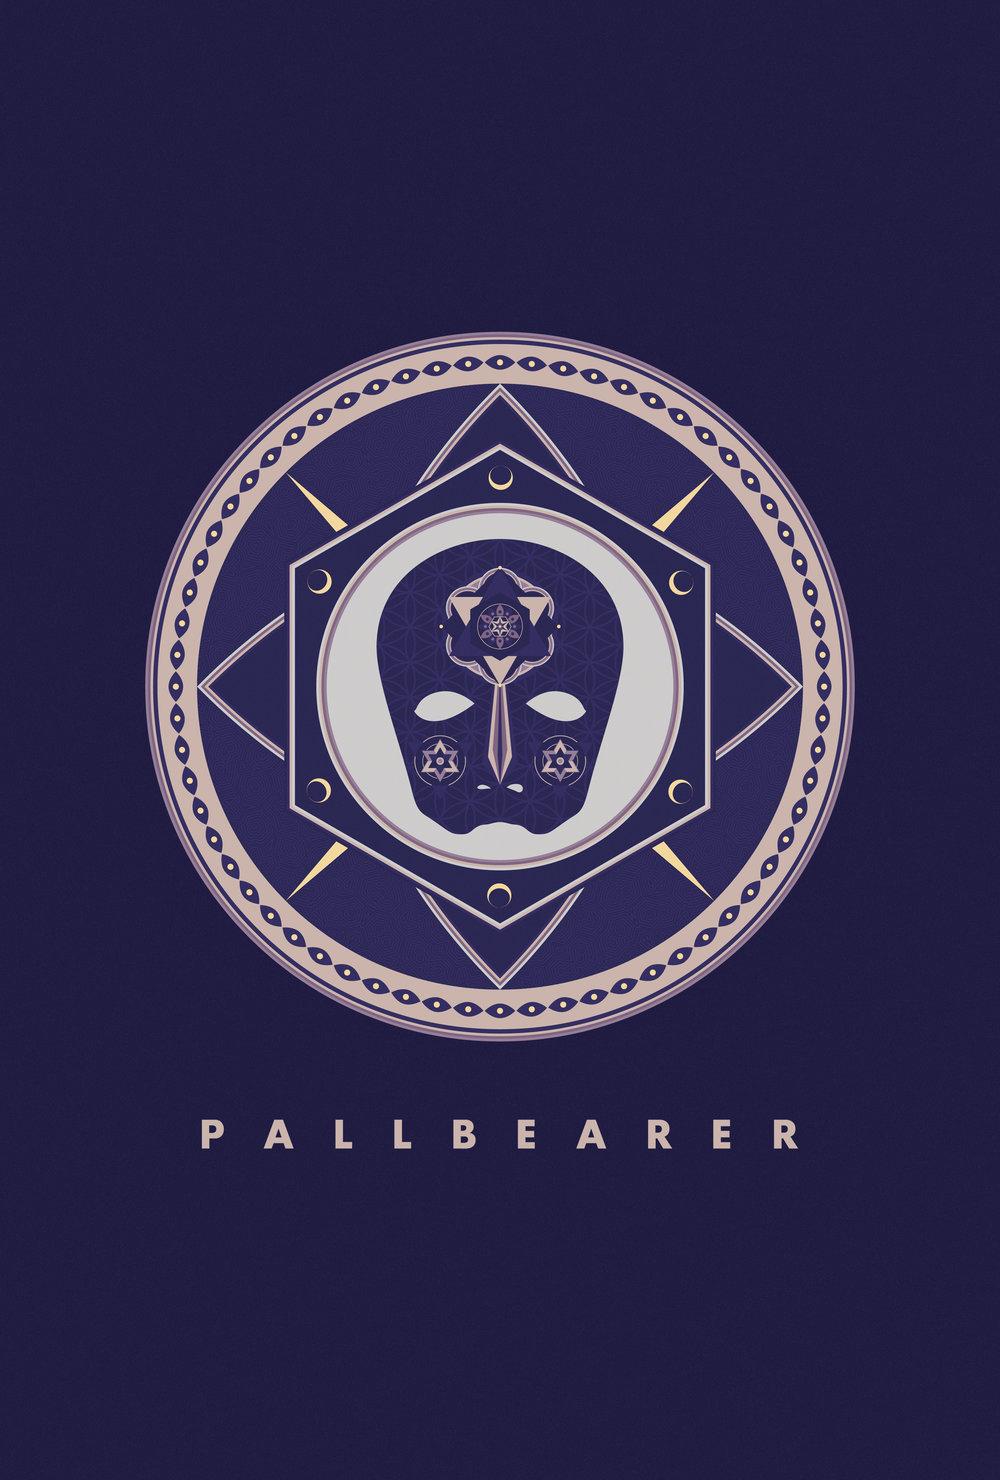 pallbearer-mask-illustration.jpeg